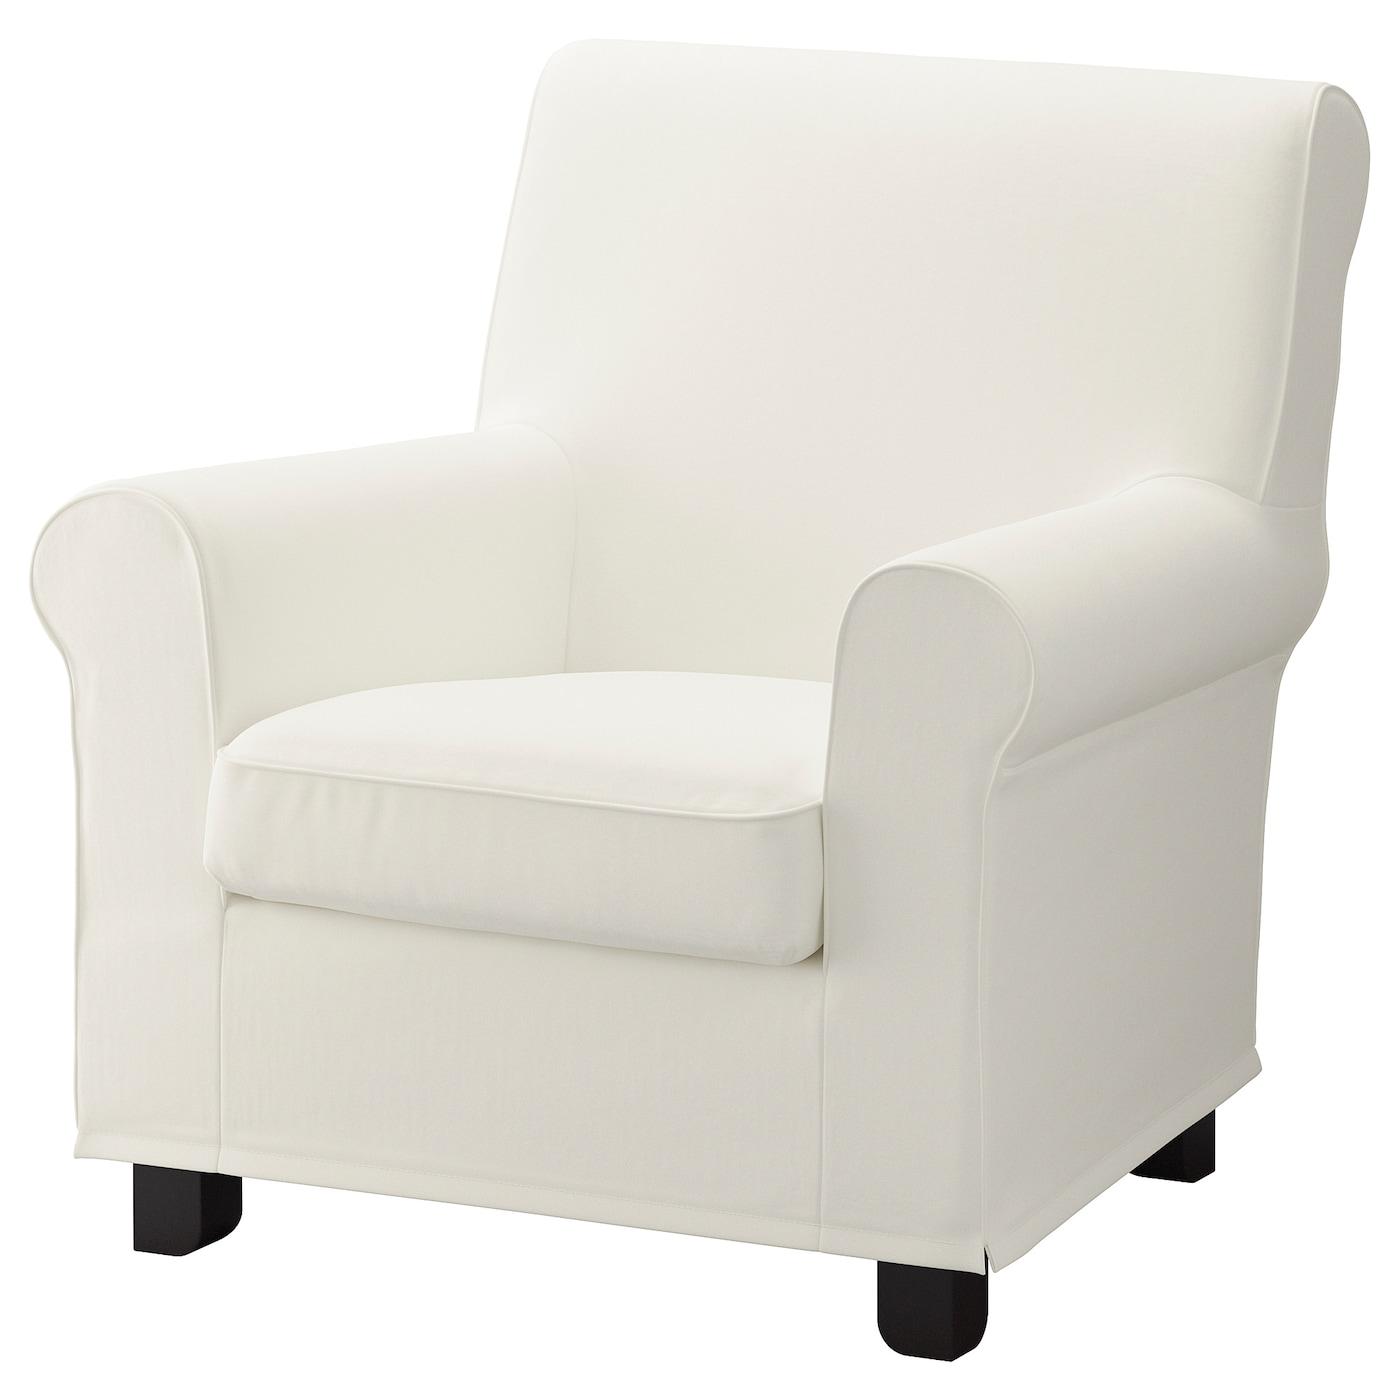 GRÖNLID Inseros white, Armchair - IKEA